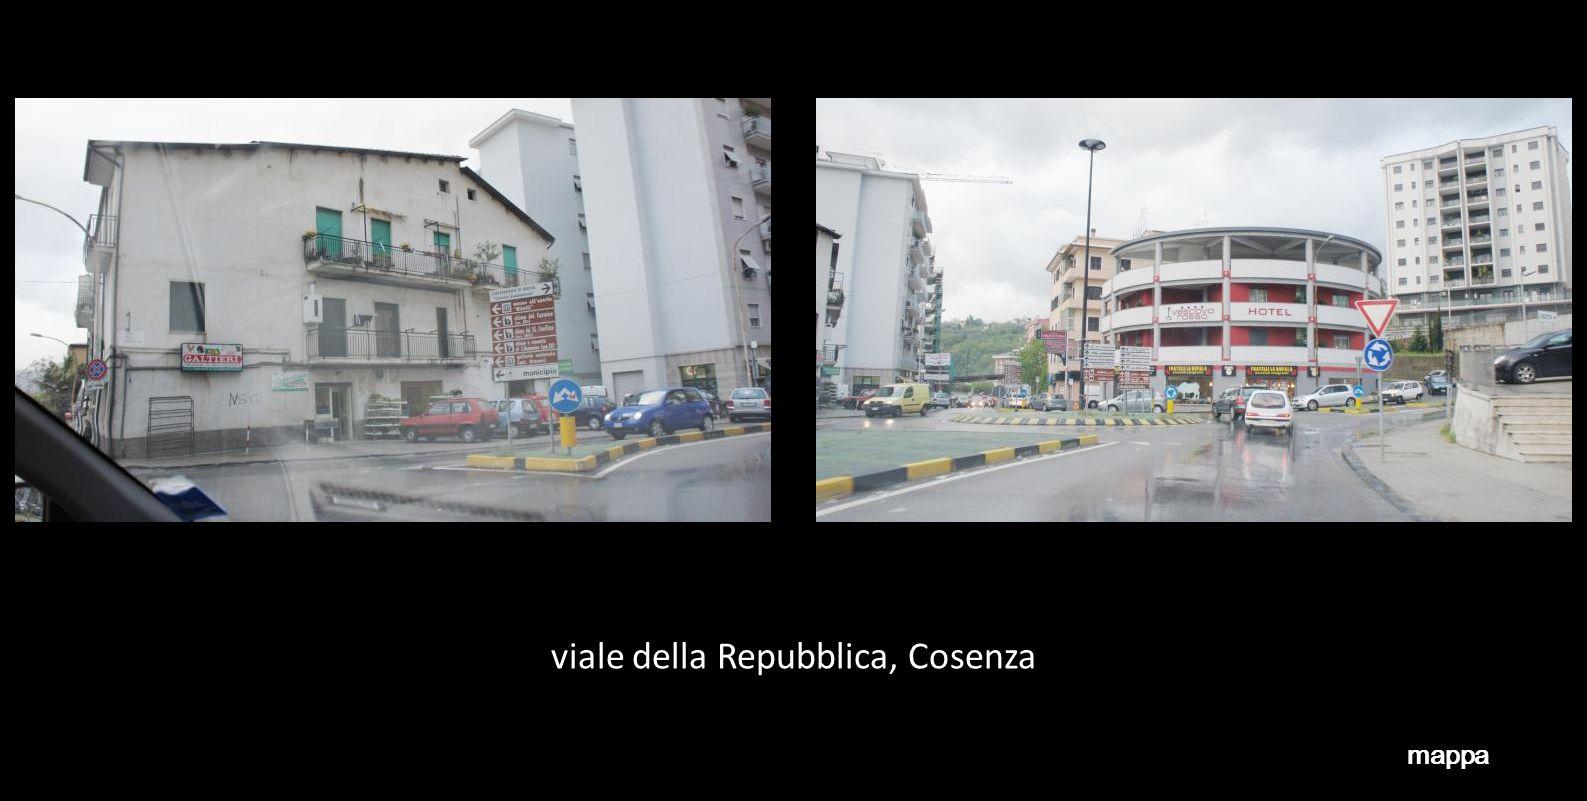 viale della Repubblica, Cosenza mappa